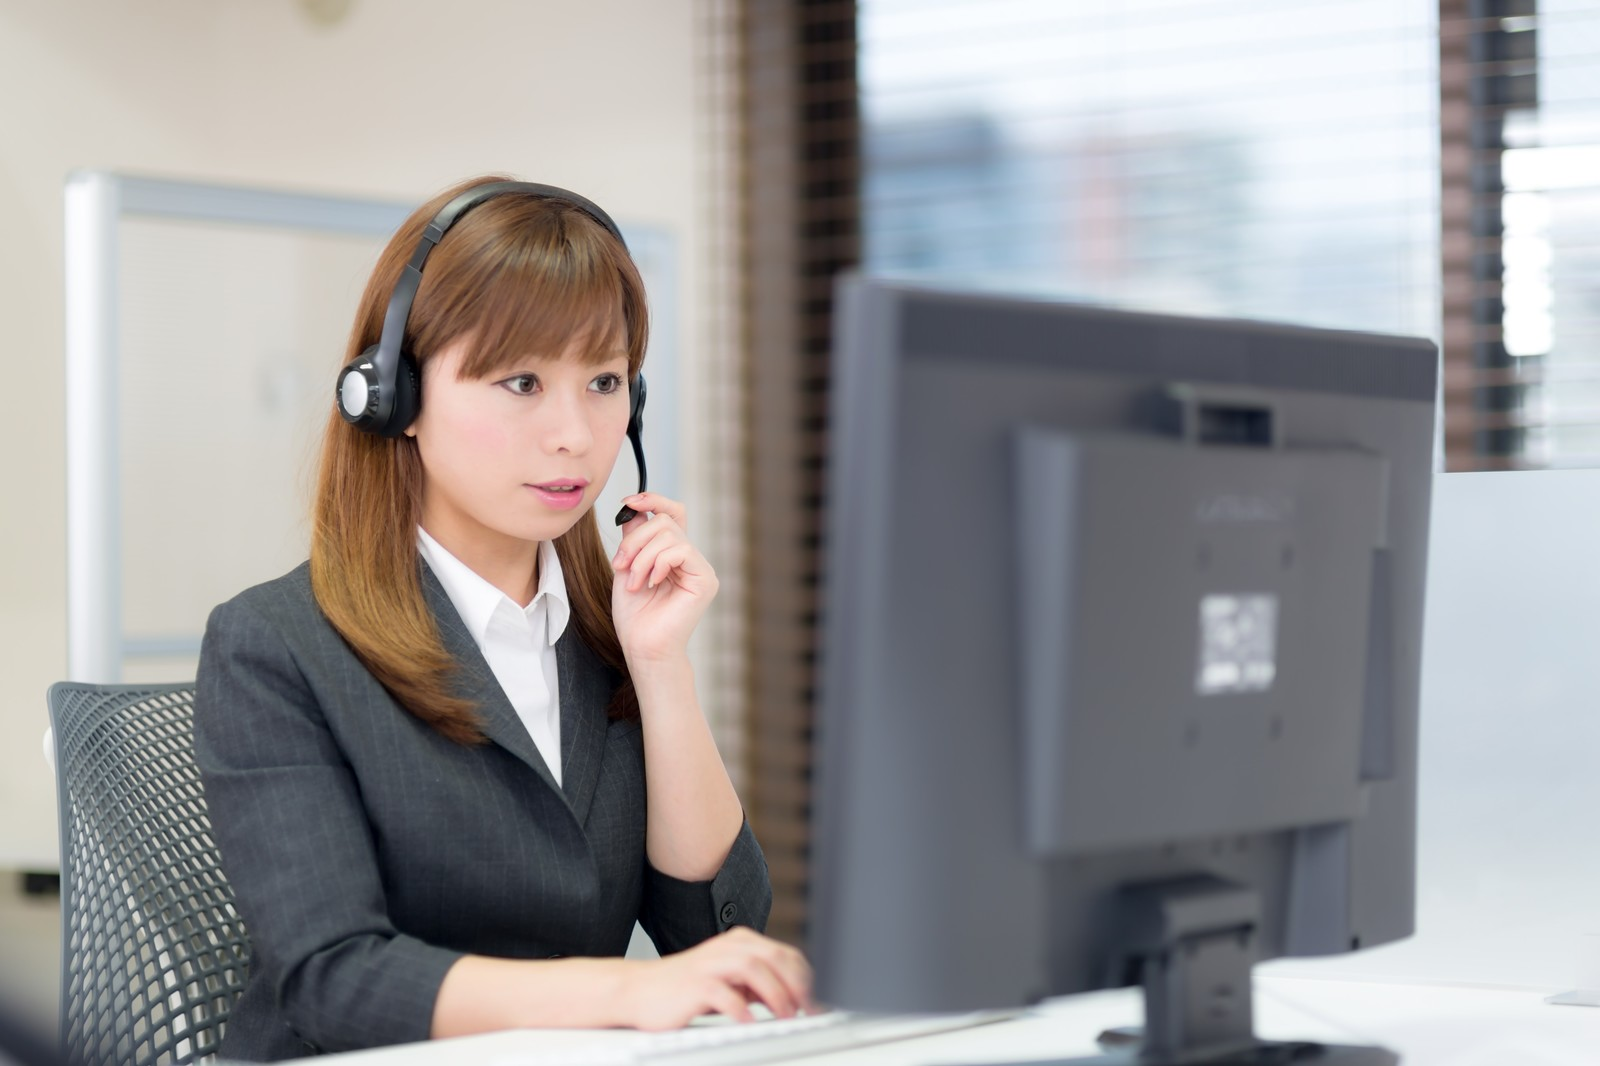 【山梨県富士吉田市の求人】コールーセンターでのお仕事です。!!未経験者OK 男女問いません。